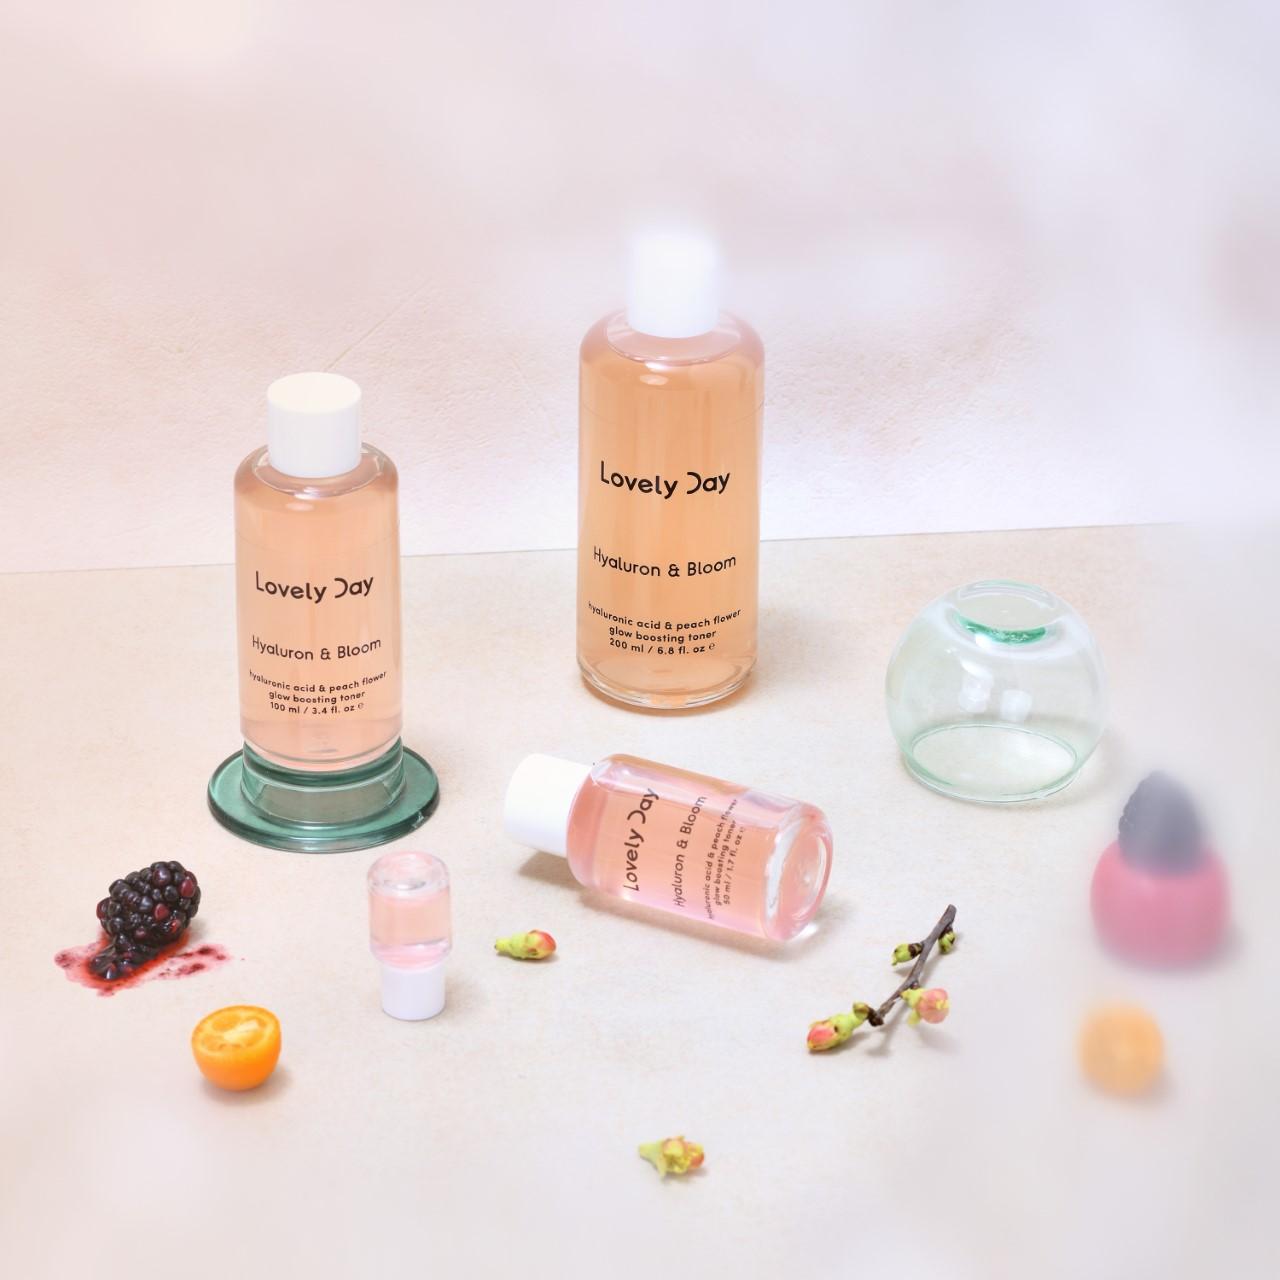 Naturkosmetik Berlin Natürliche Haut- und Haarpflege aus Berlin-Neukölln: Die Produkte von Lovely Day basieren auf wertvollen, rein pflanzlichen Zutaten.